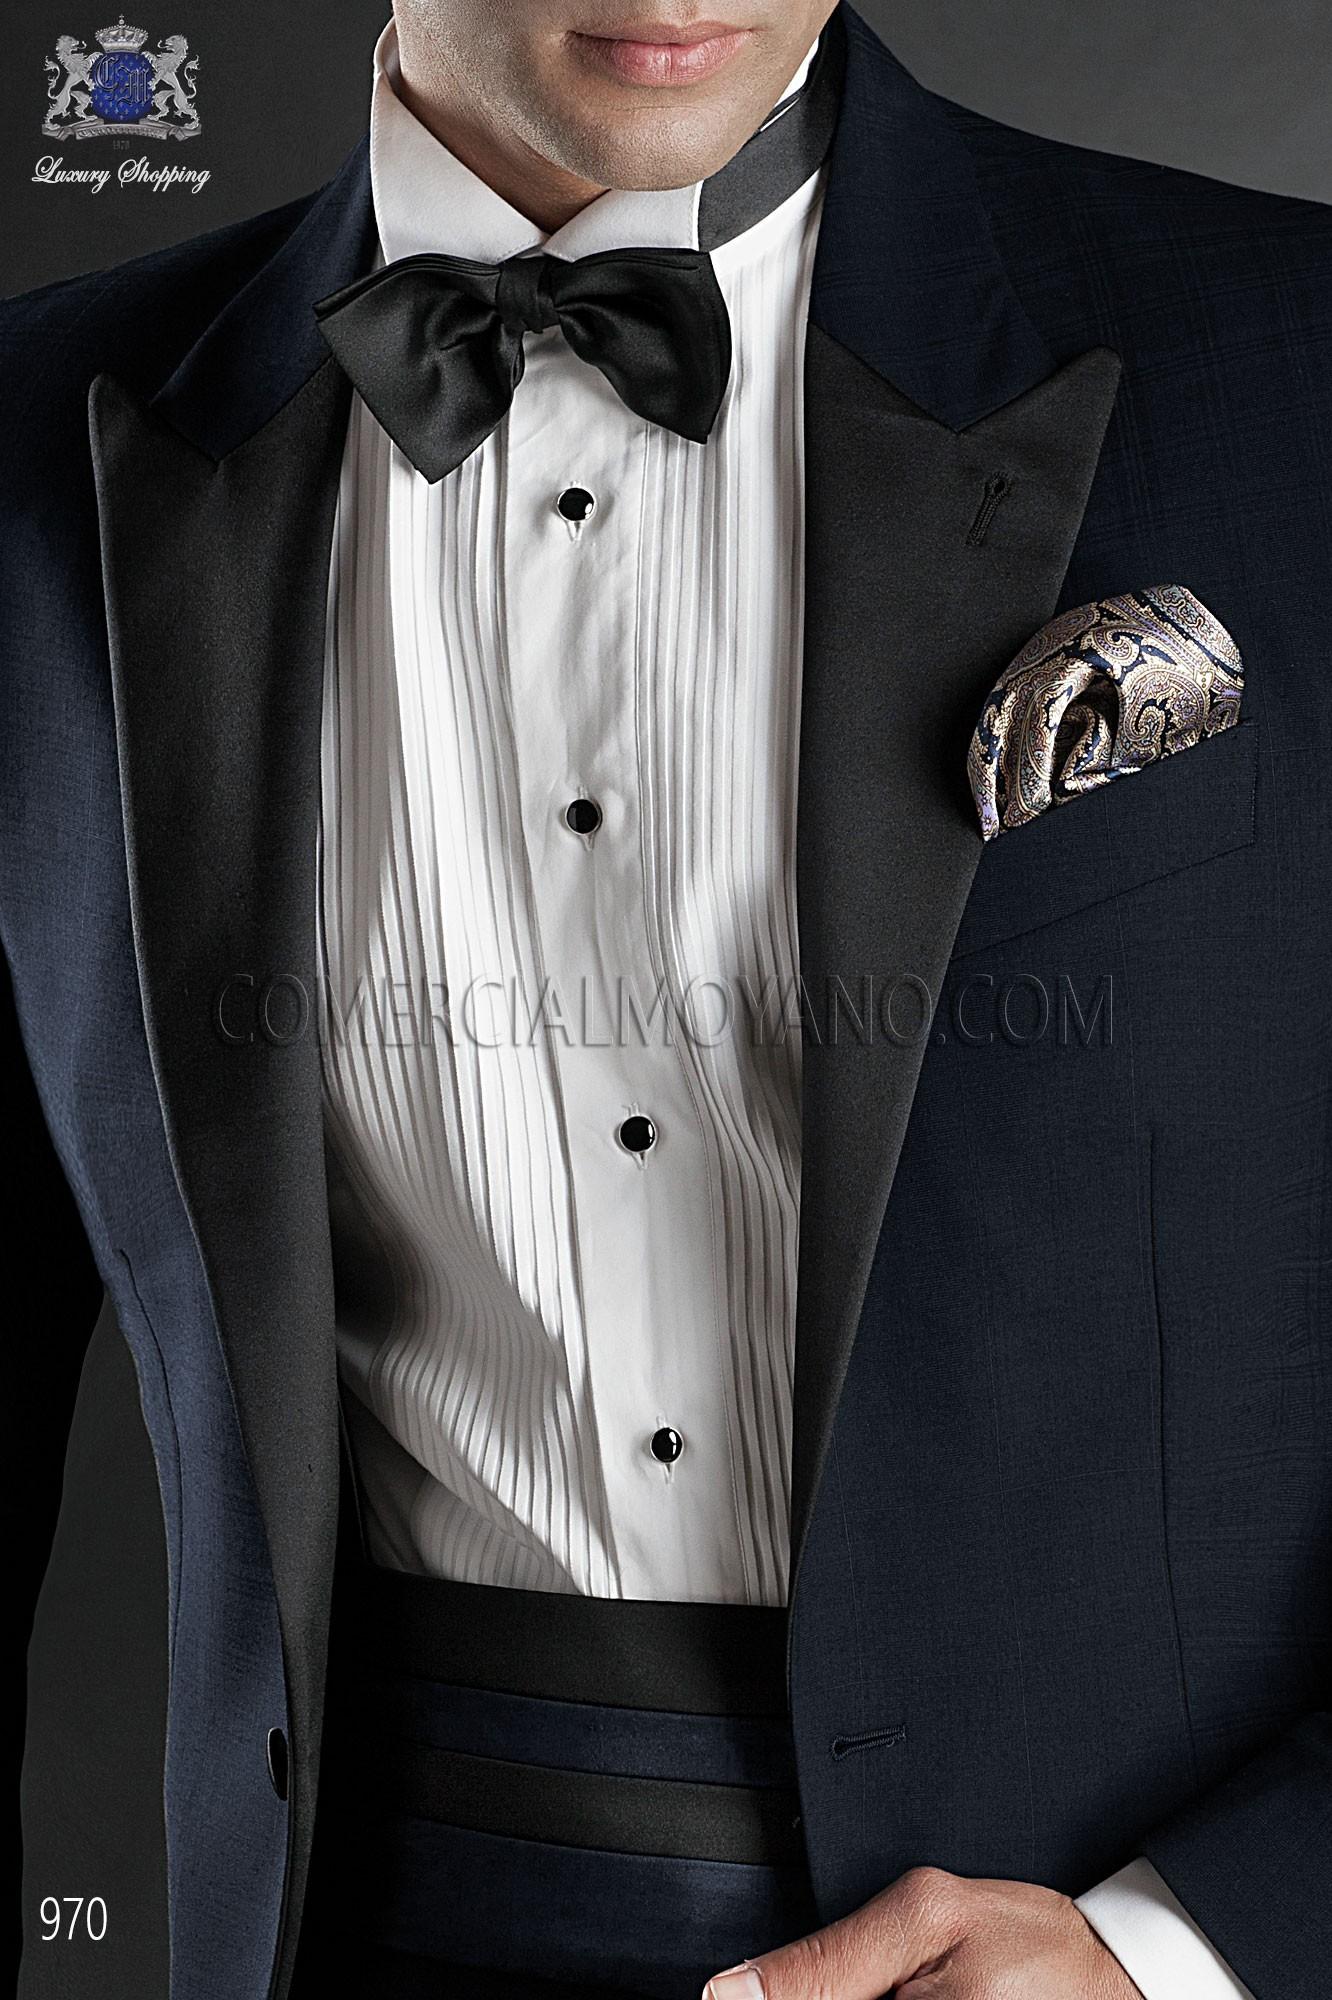 Traje BlackTie de novio azul modelo: 970 Ottavio Nuccio Gala colección Black Tie